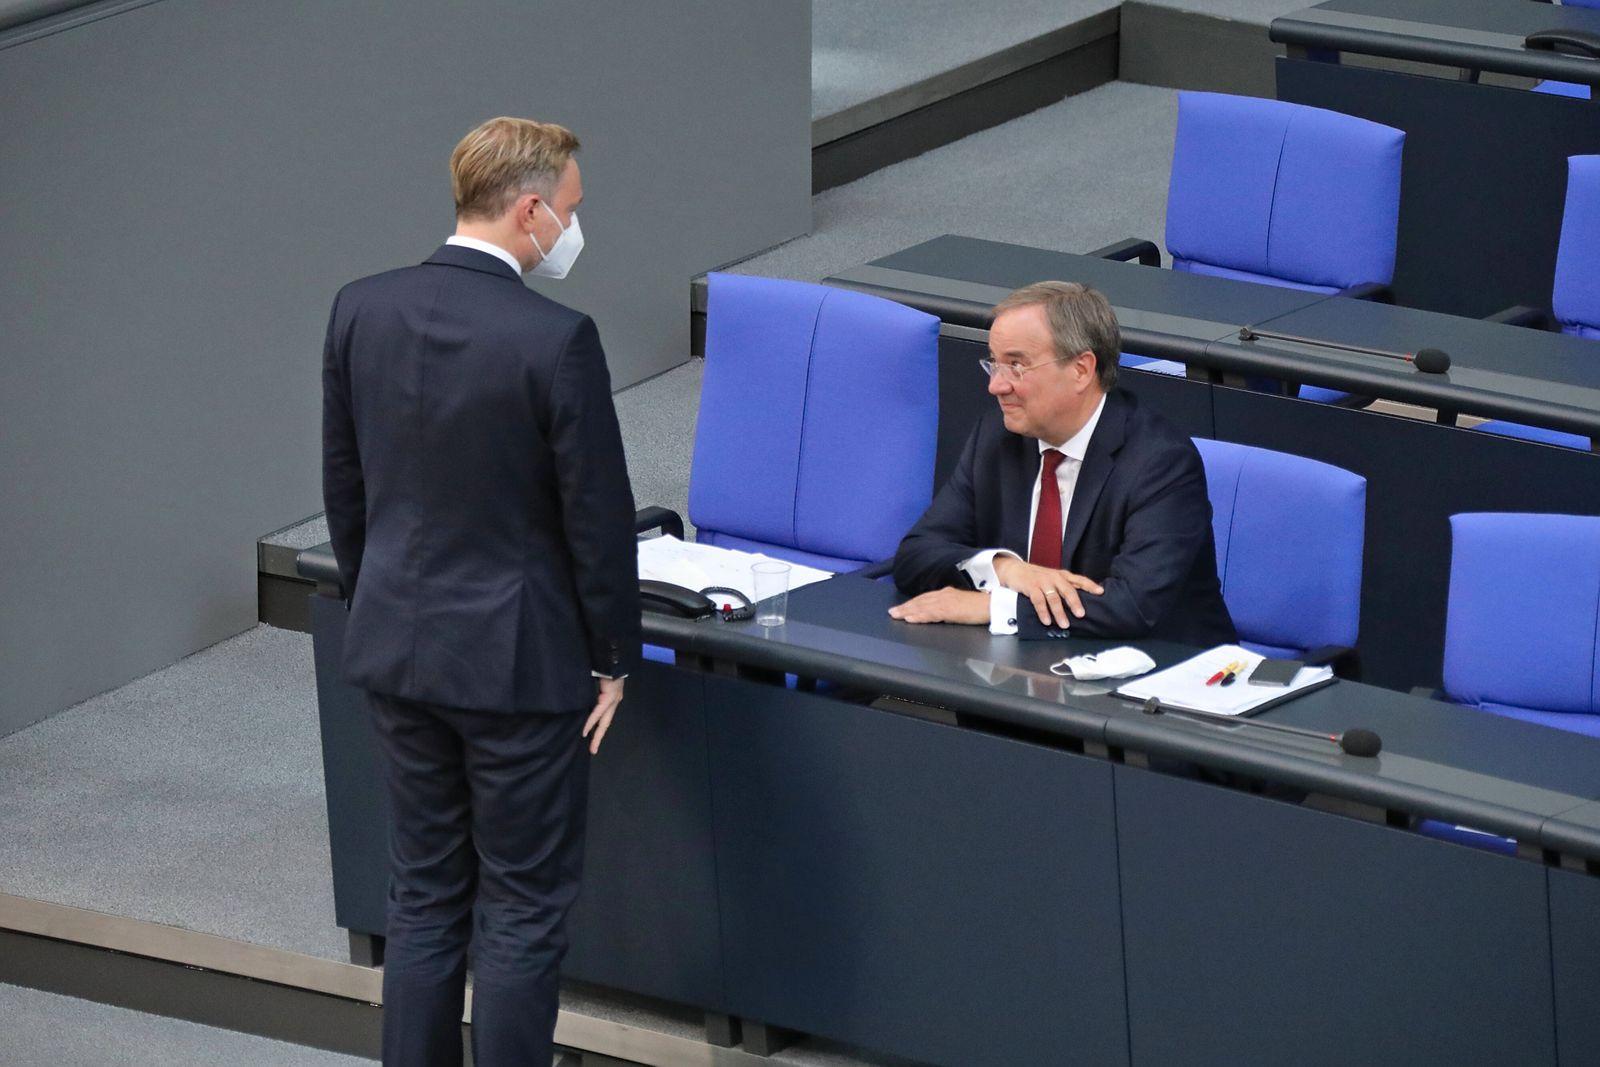 Armin Laschet auf der Bundesratsbank mit Christian Lindner 7.9.2021 Armin Laschet auf der Bundesratsbank im Bundestag m